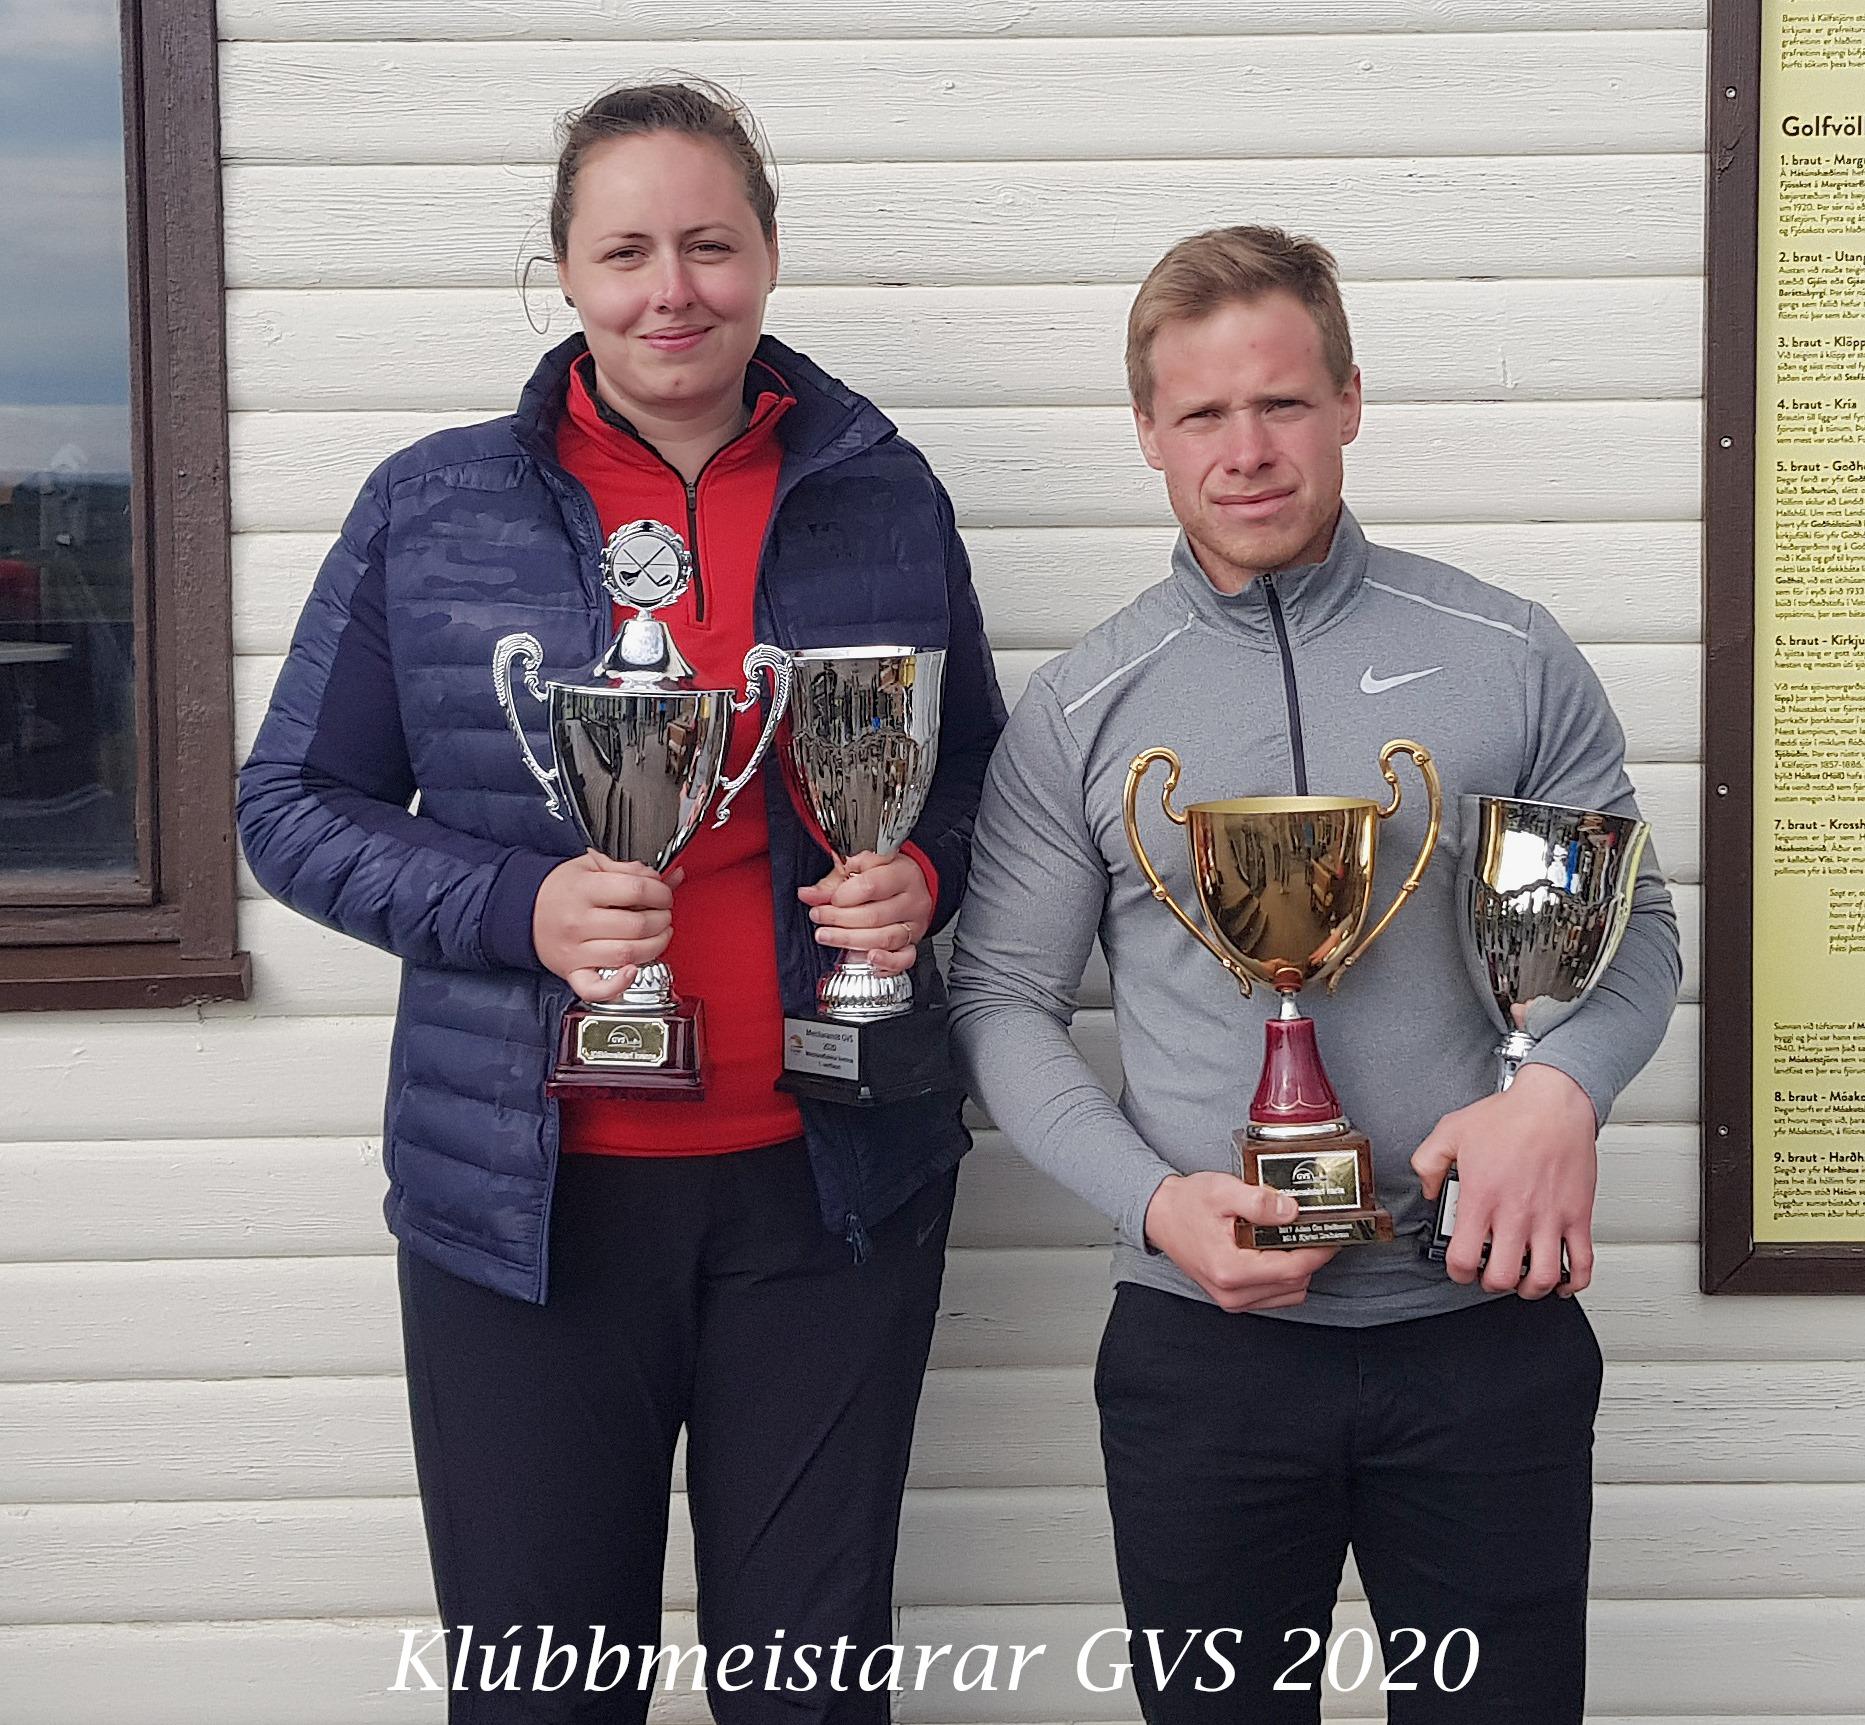 Adam og Heiður klúbbmeistarar GVS 2020